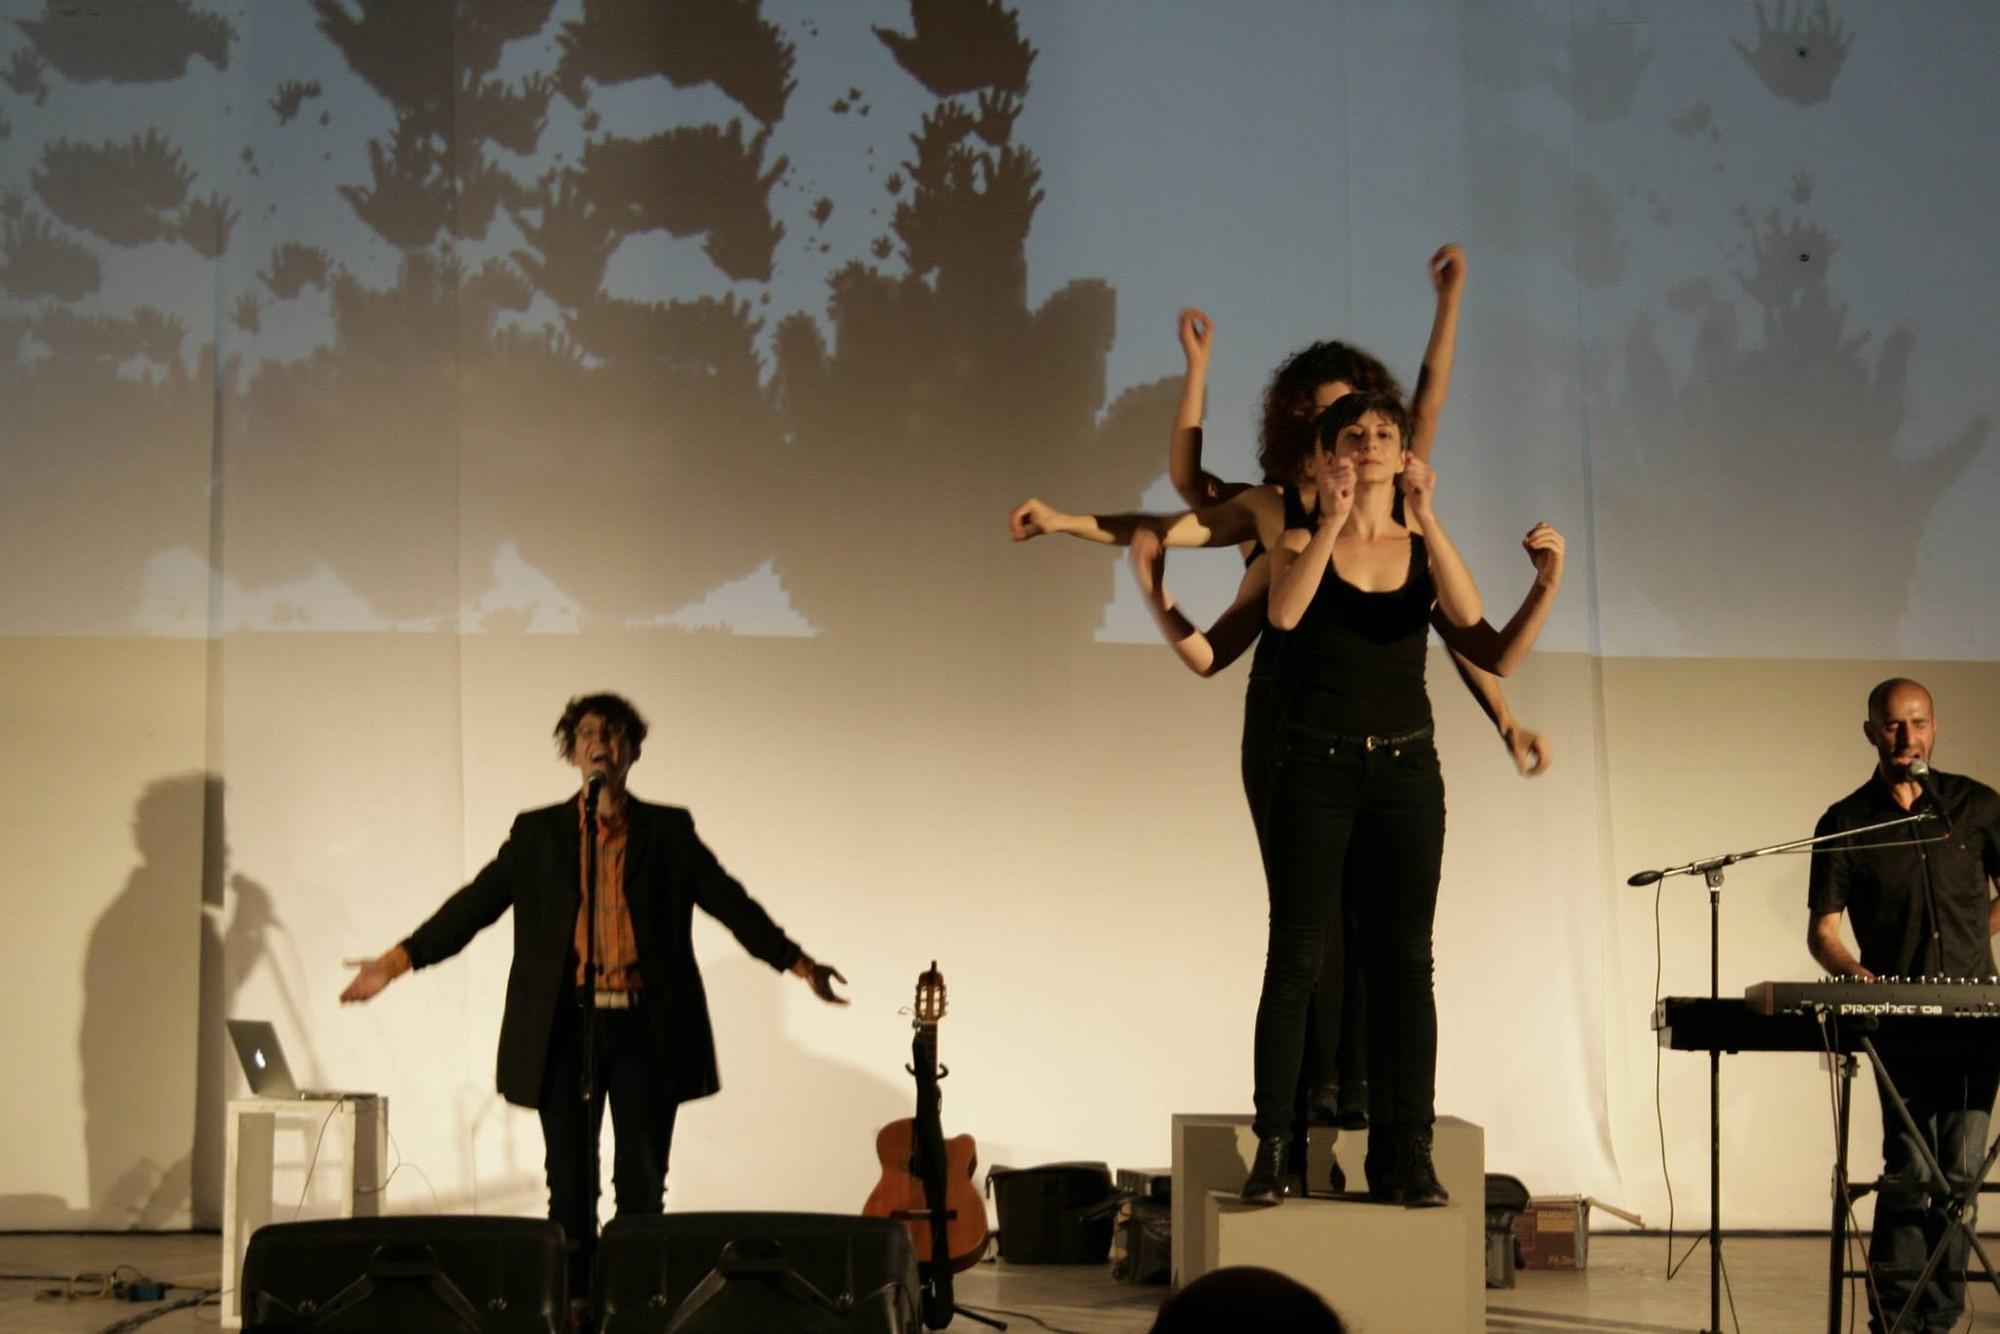 Concierto musical para personas sordas. Image Cortesia de Mil M2